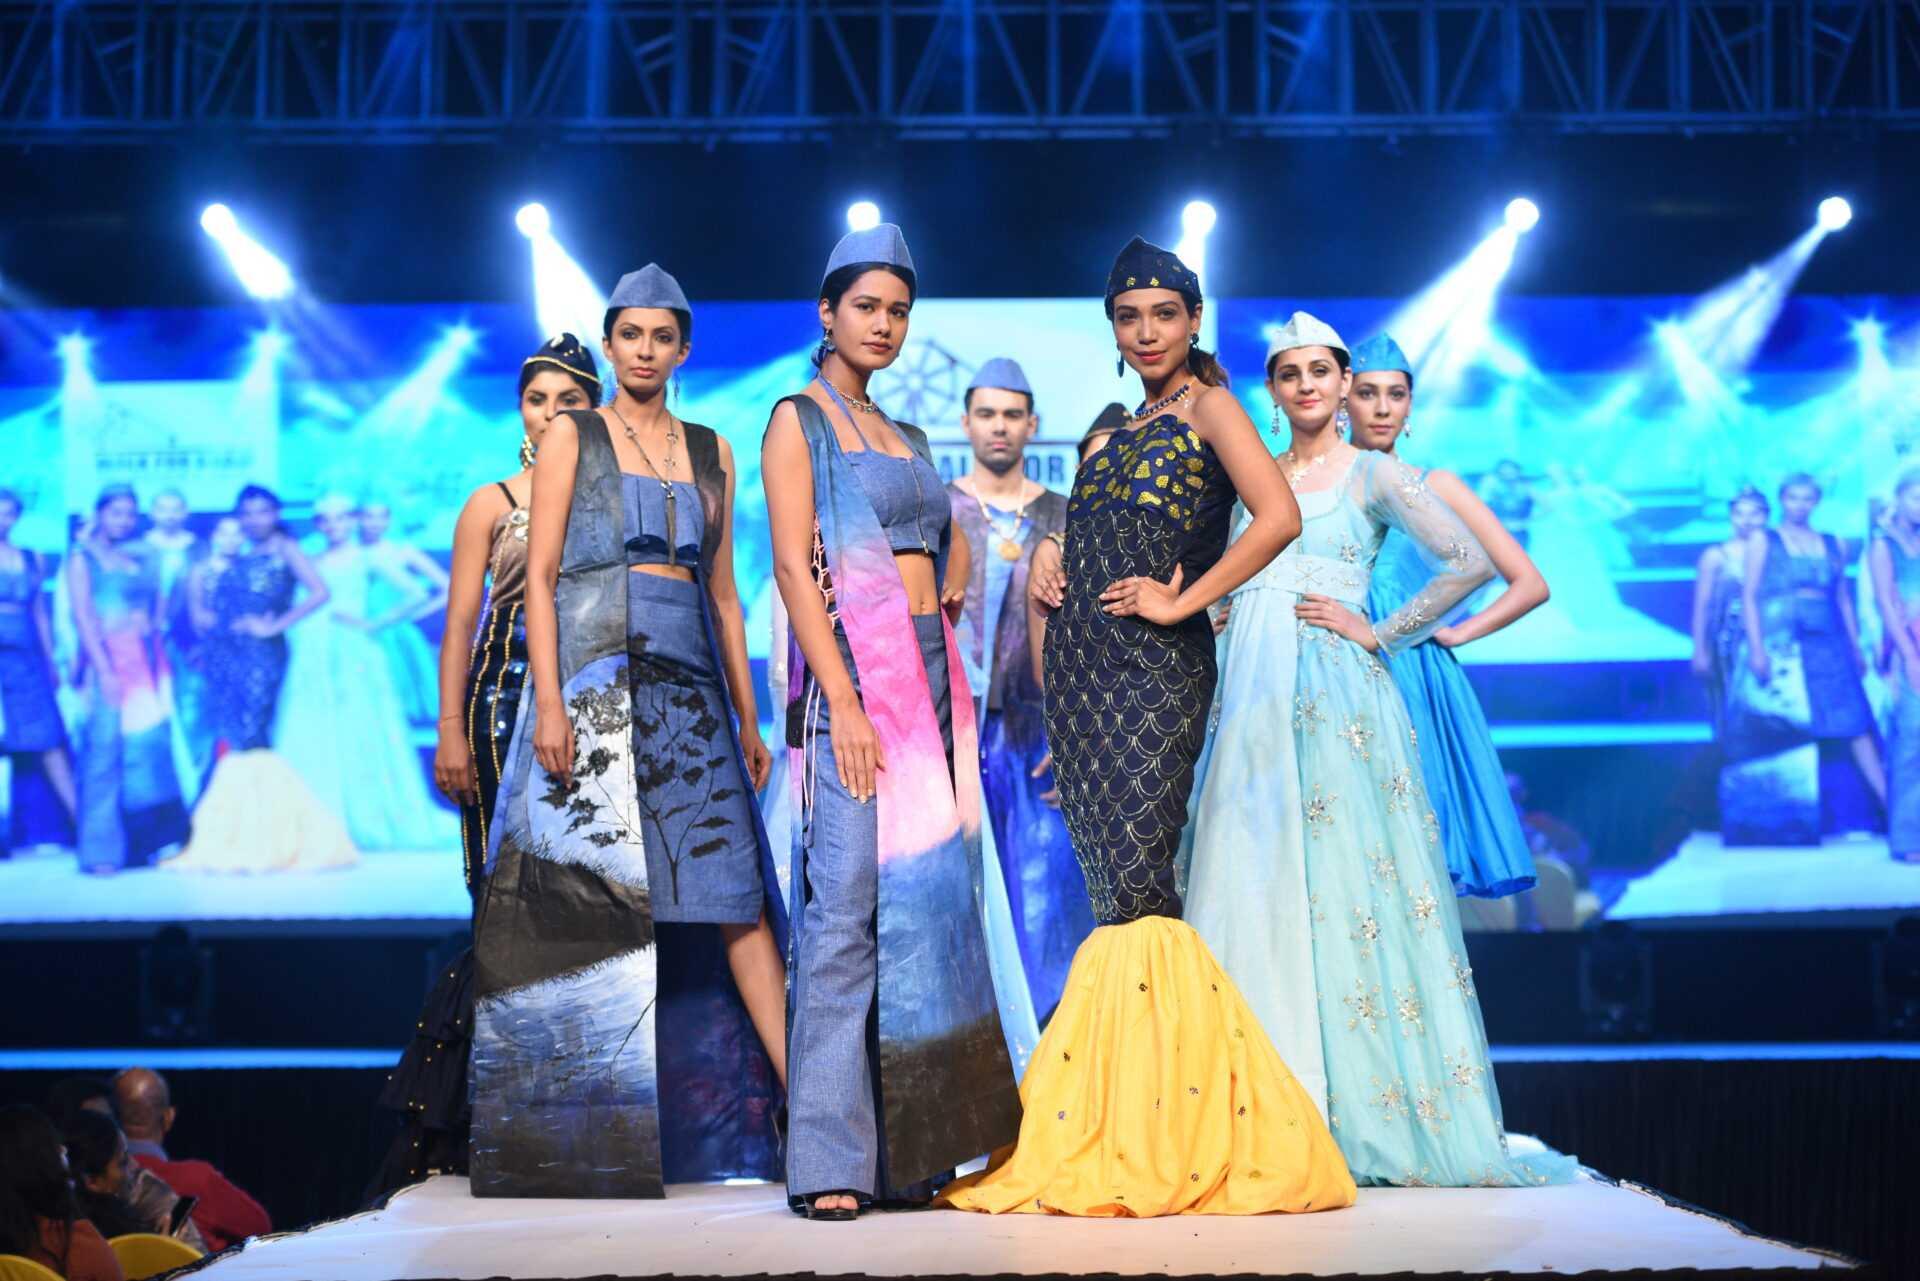 ग्लॅमरस करिअर'ची संधी देणारी 'फॅशन इंडस्ट्री'